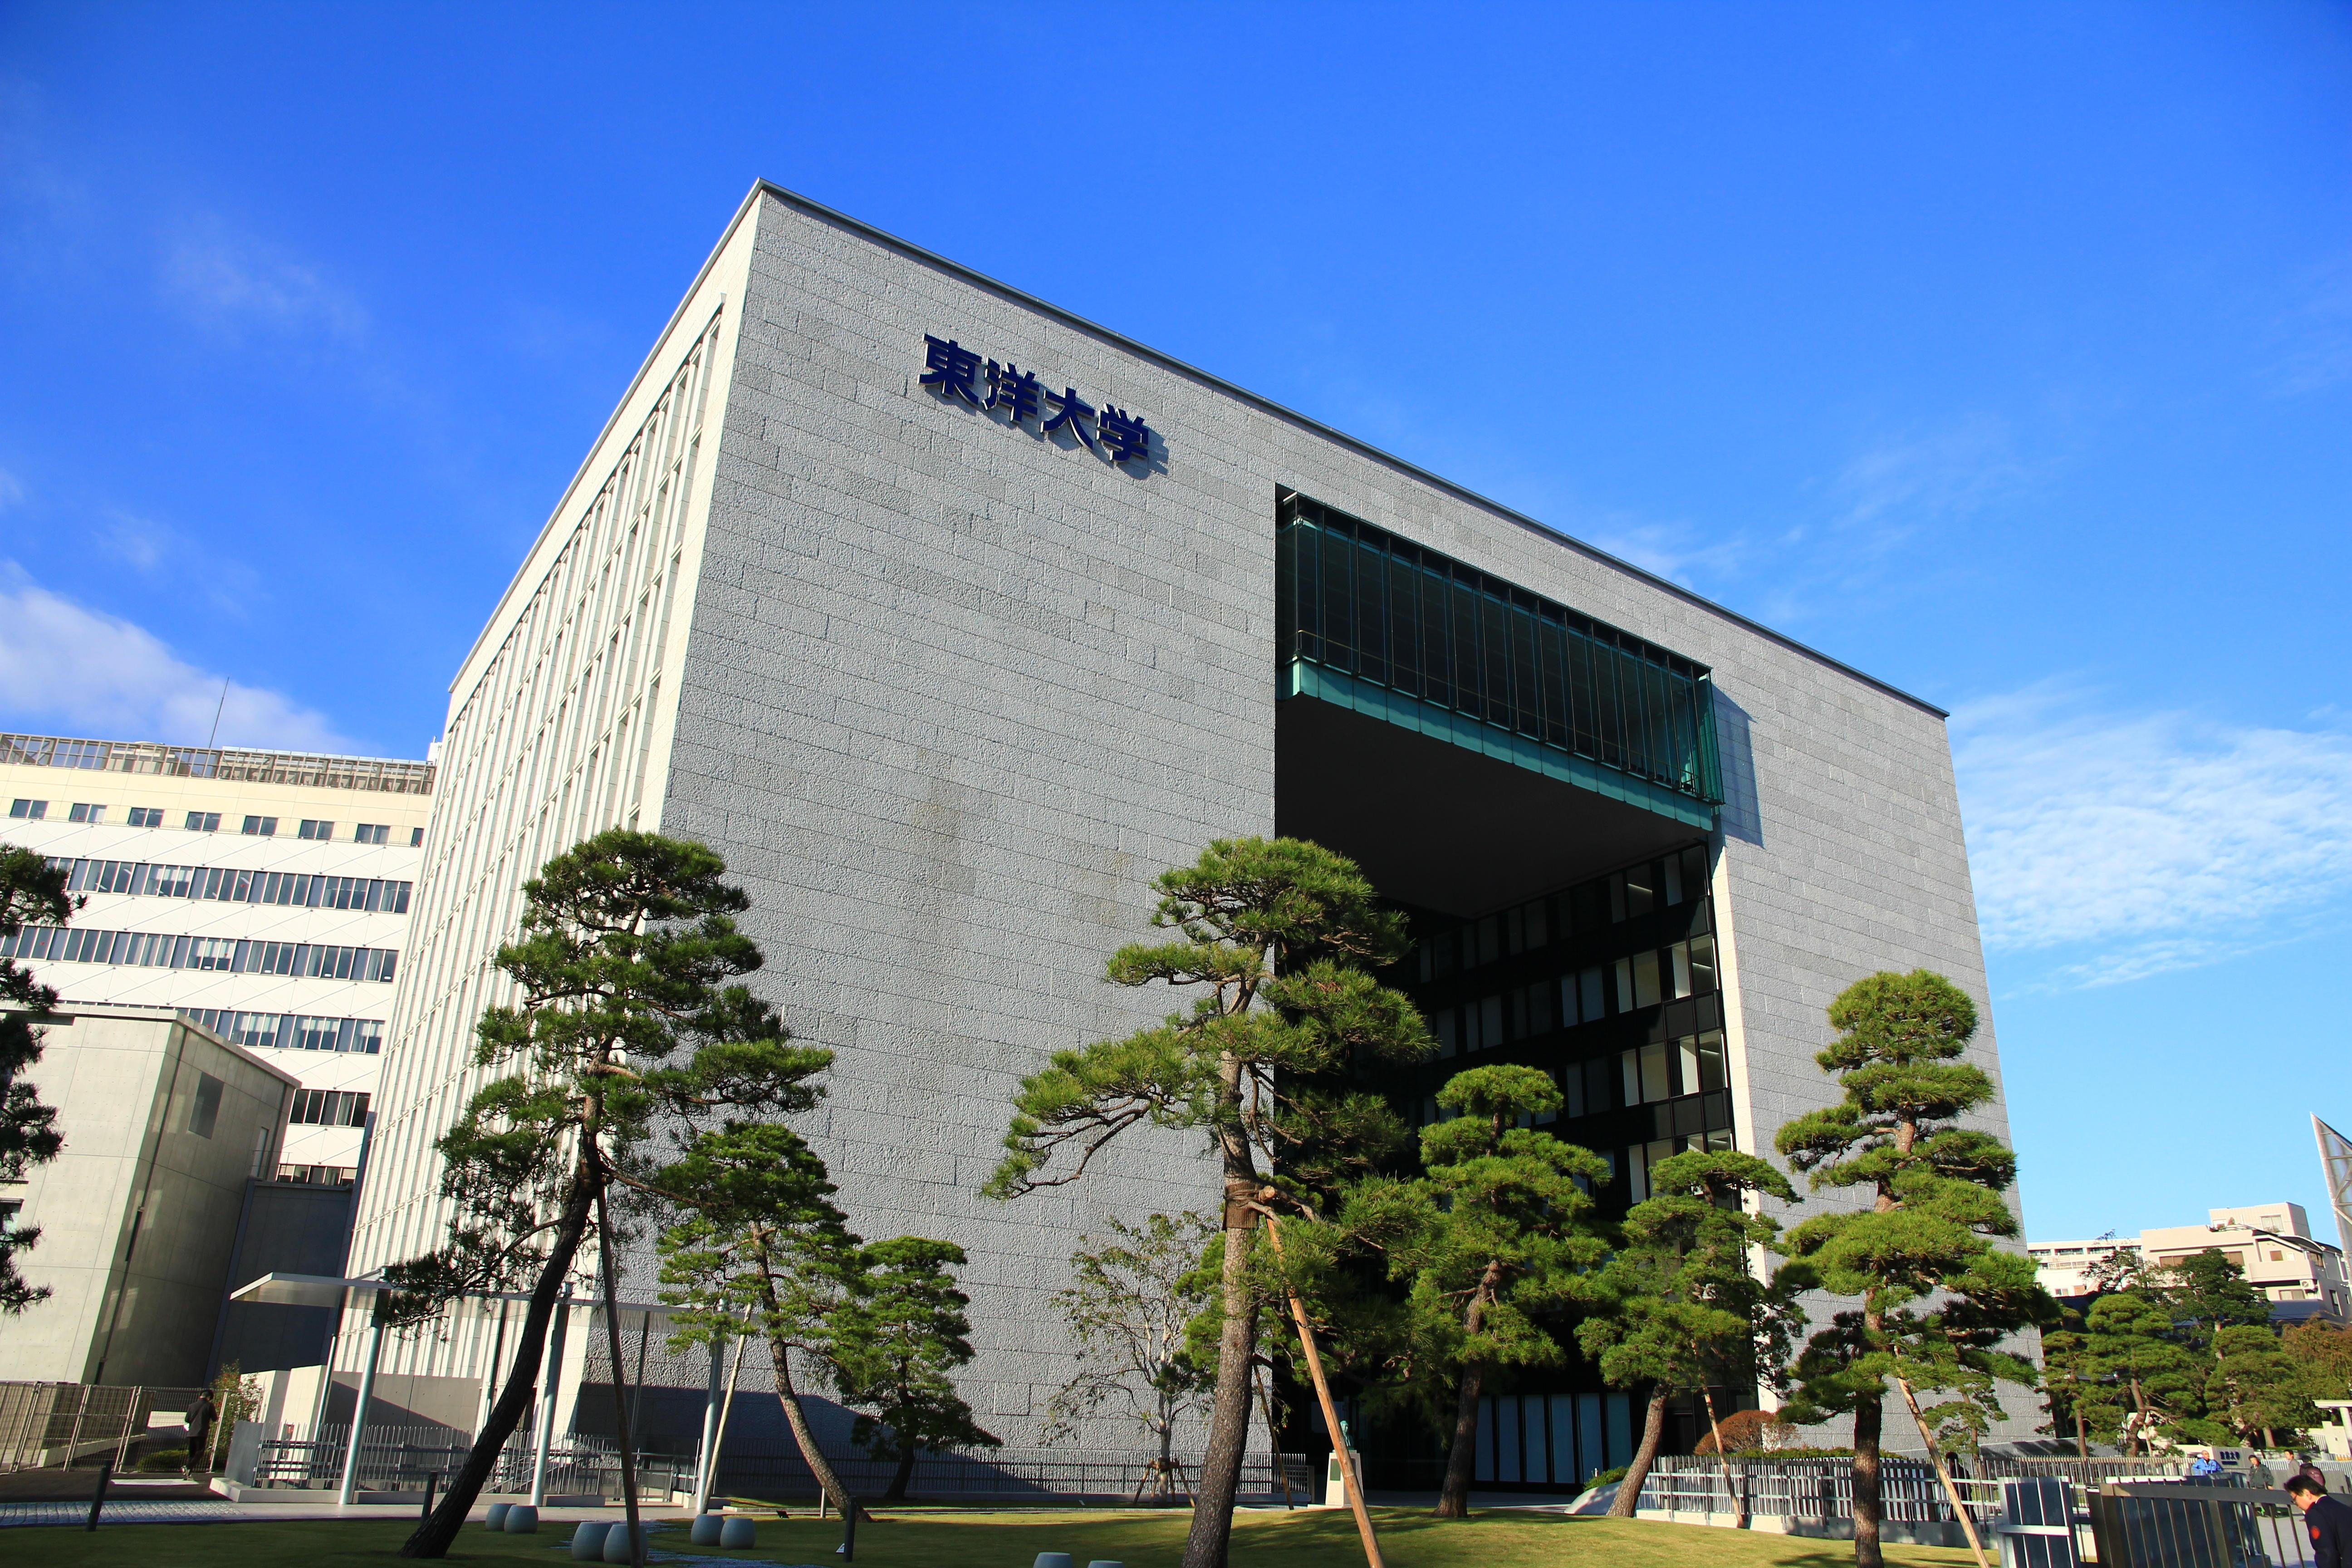 東洋大学が海外向けに制作したPR動画『Toyo U x To You』を公開。書き下ろし楽曲にマイクロドローンとシネマ調の映像をシンクロさせてグローバルに変容する大学の姿を表現